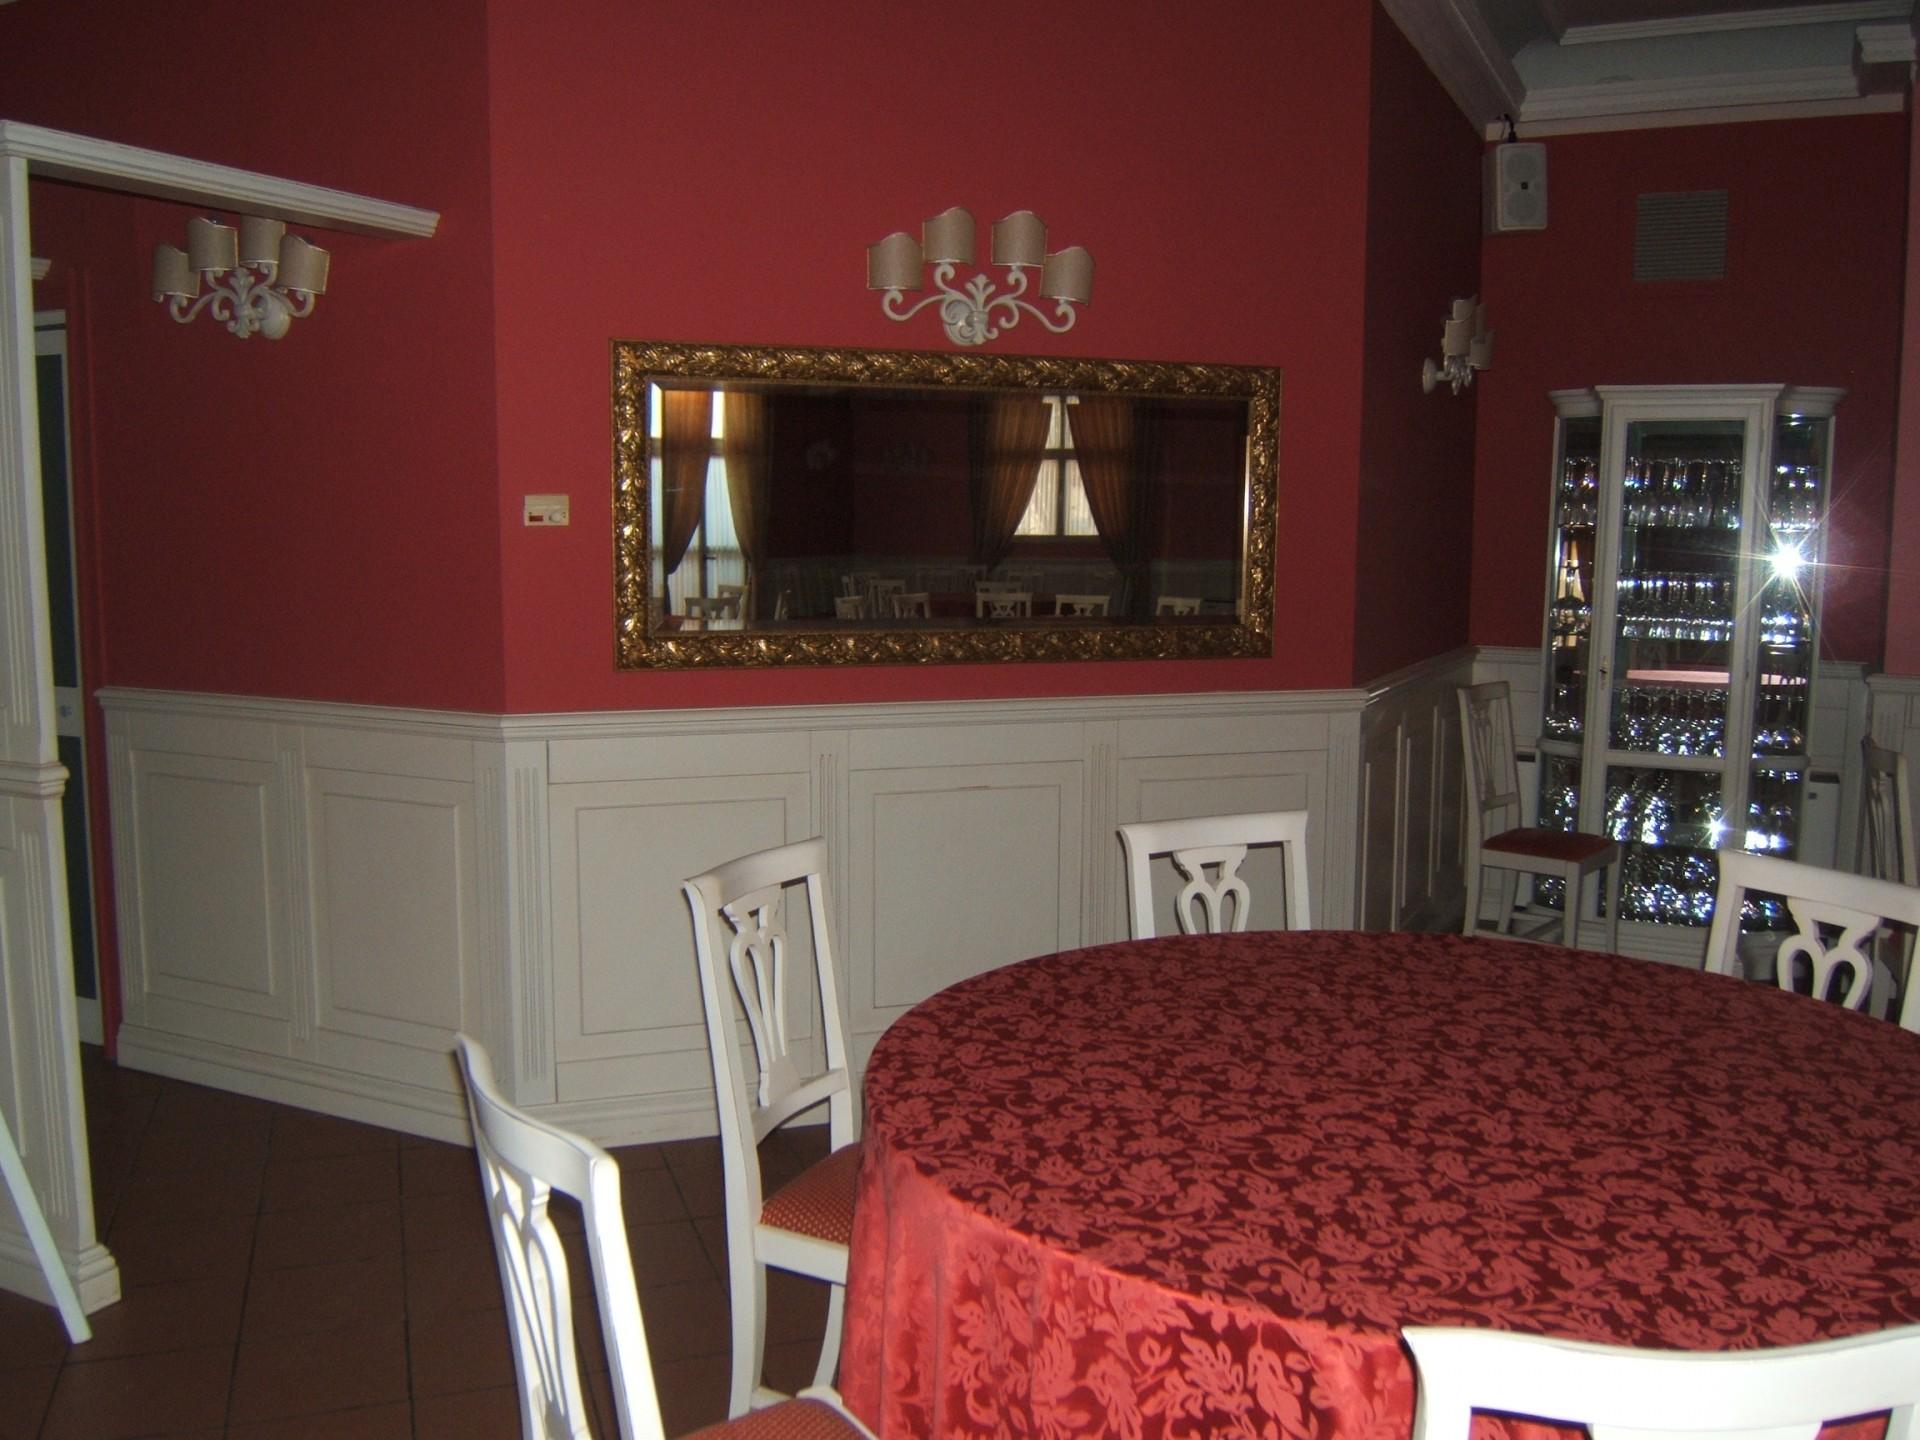 Arredamento per sala ristorante fadini mobili cerea verona for Arredamento per ristorante usato